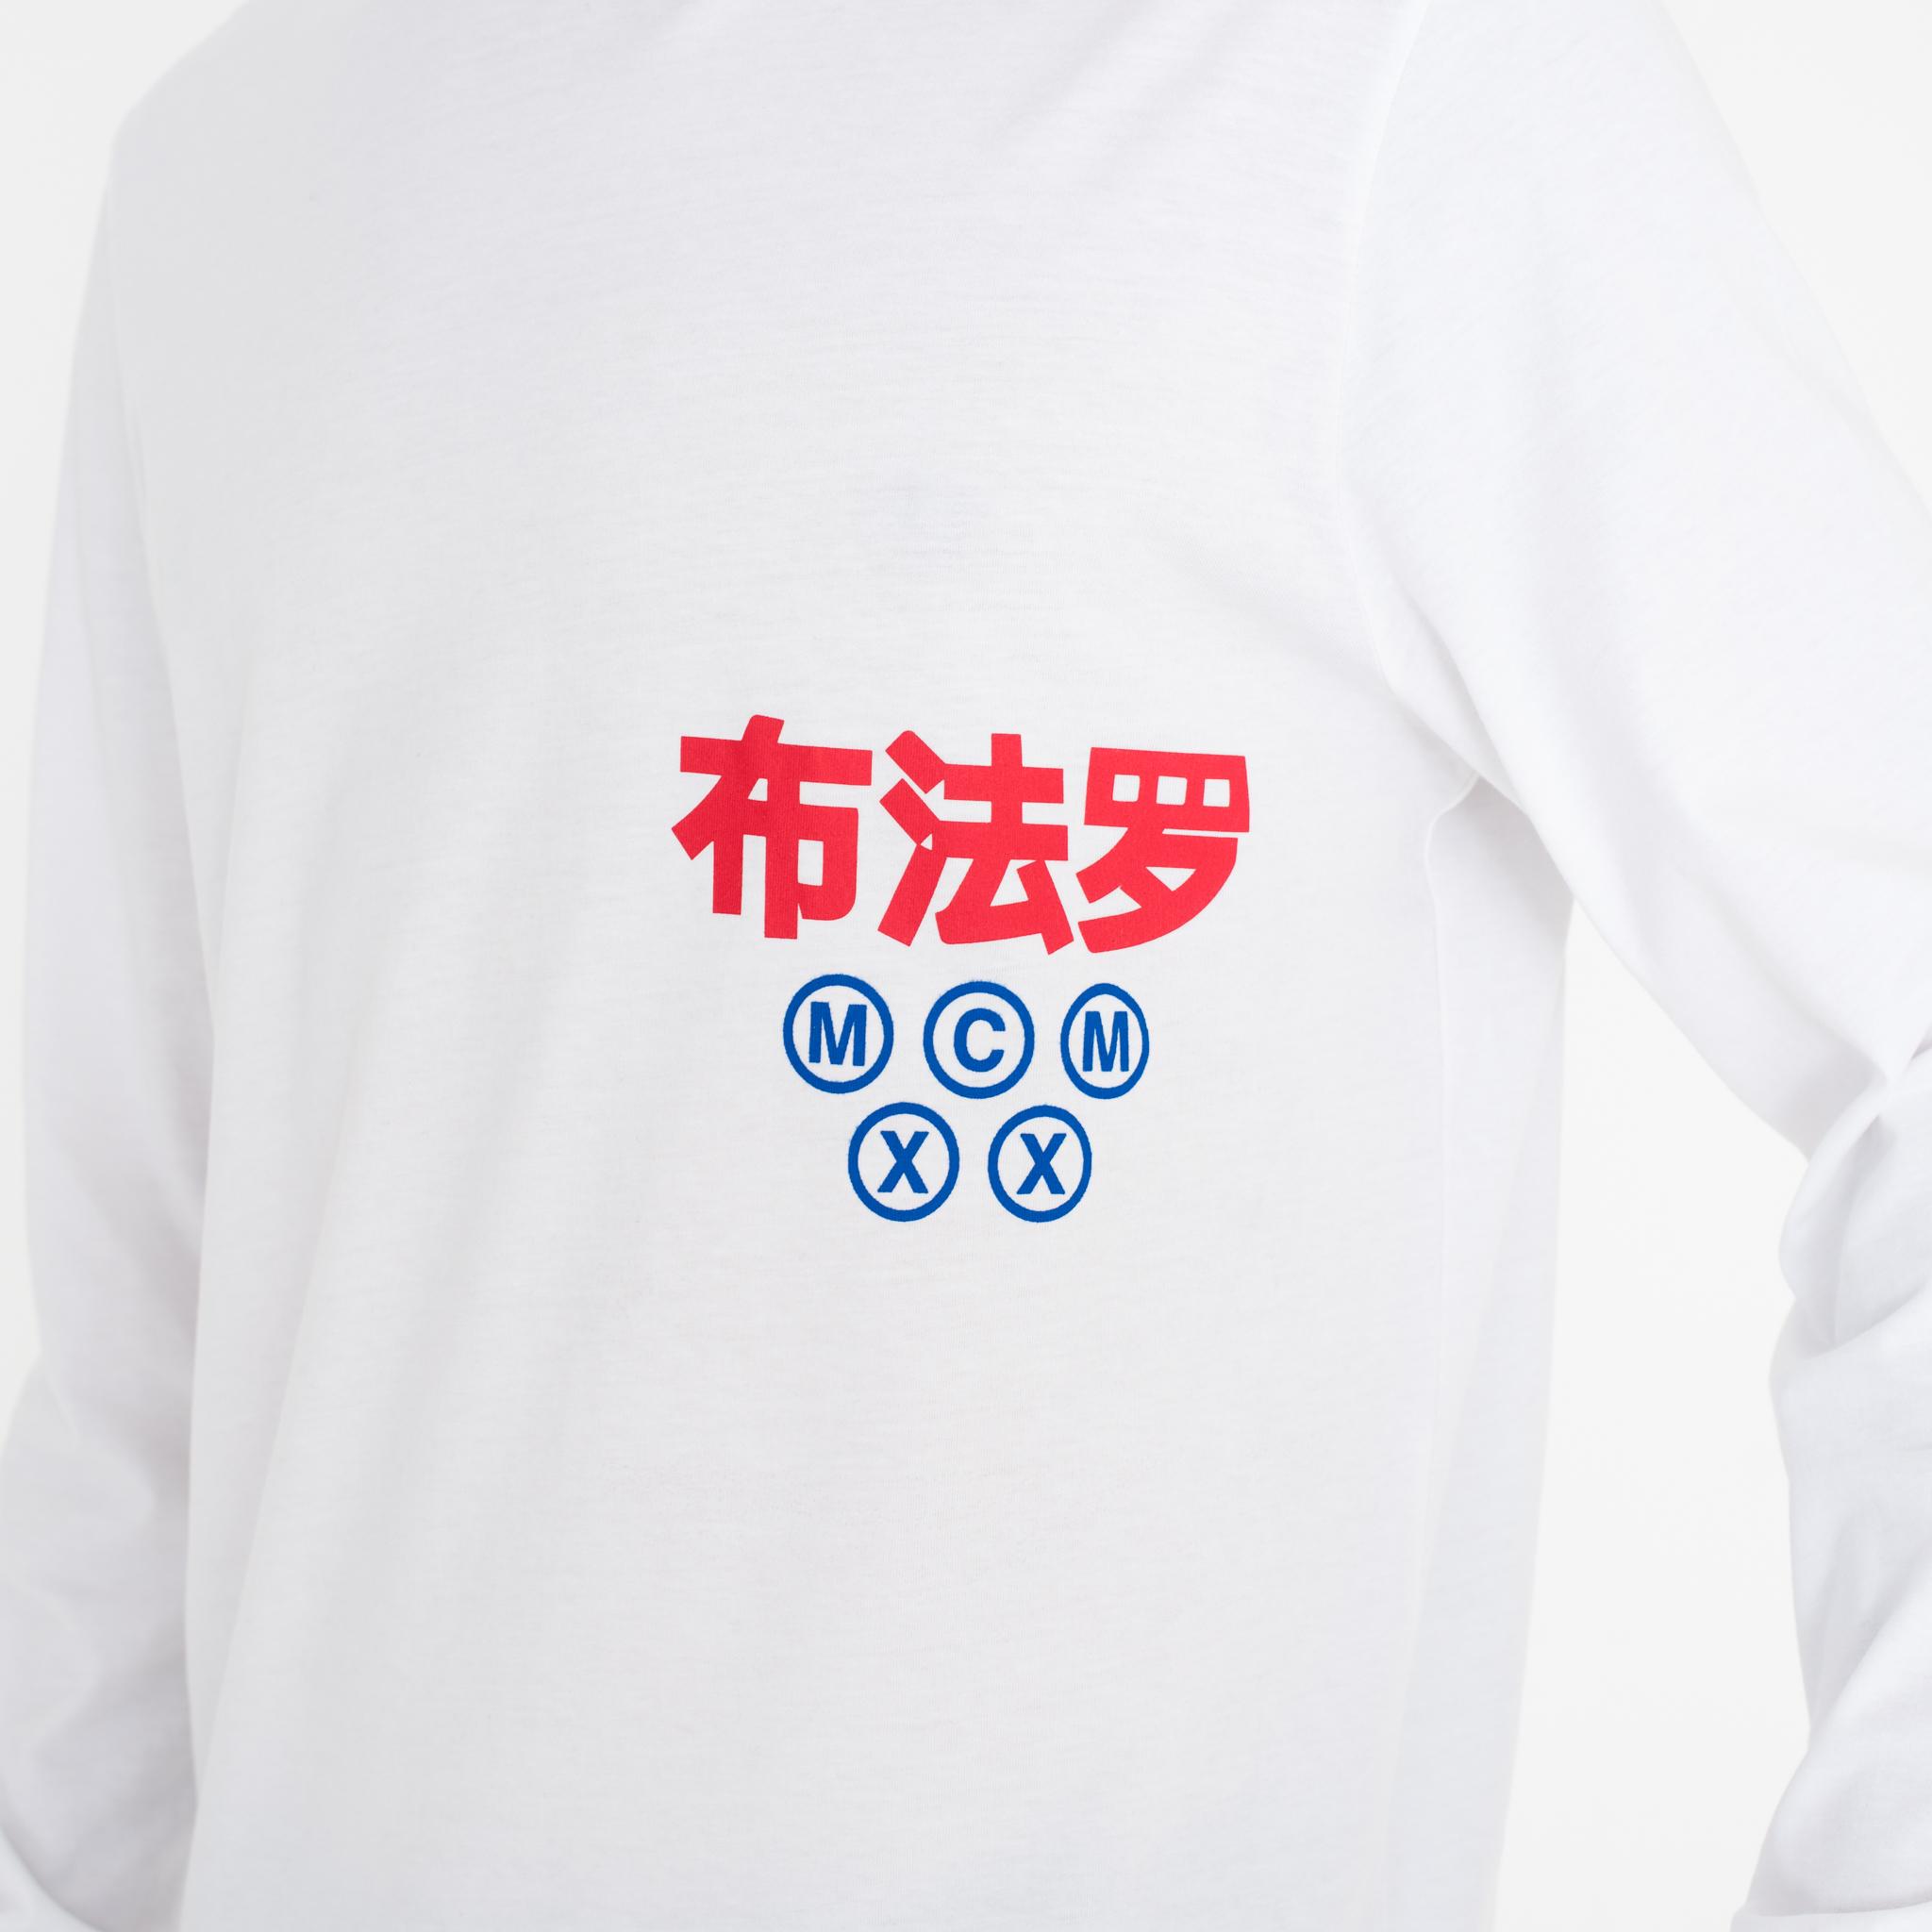 Camiseta New Era Graphic Wordmark, blanco